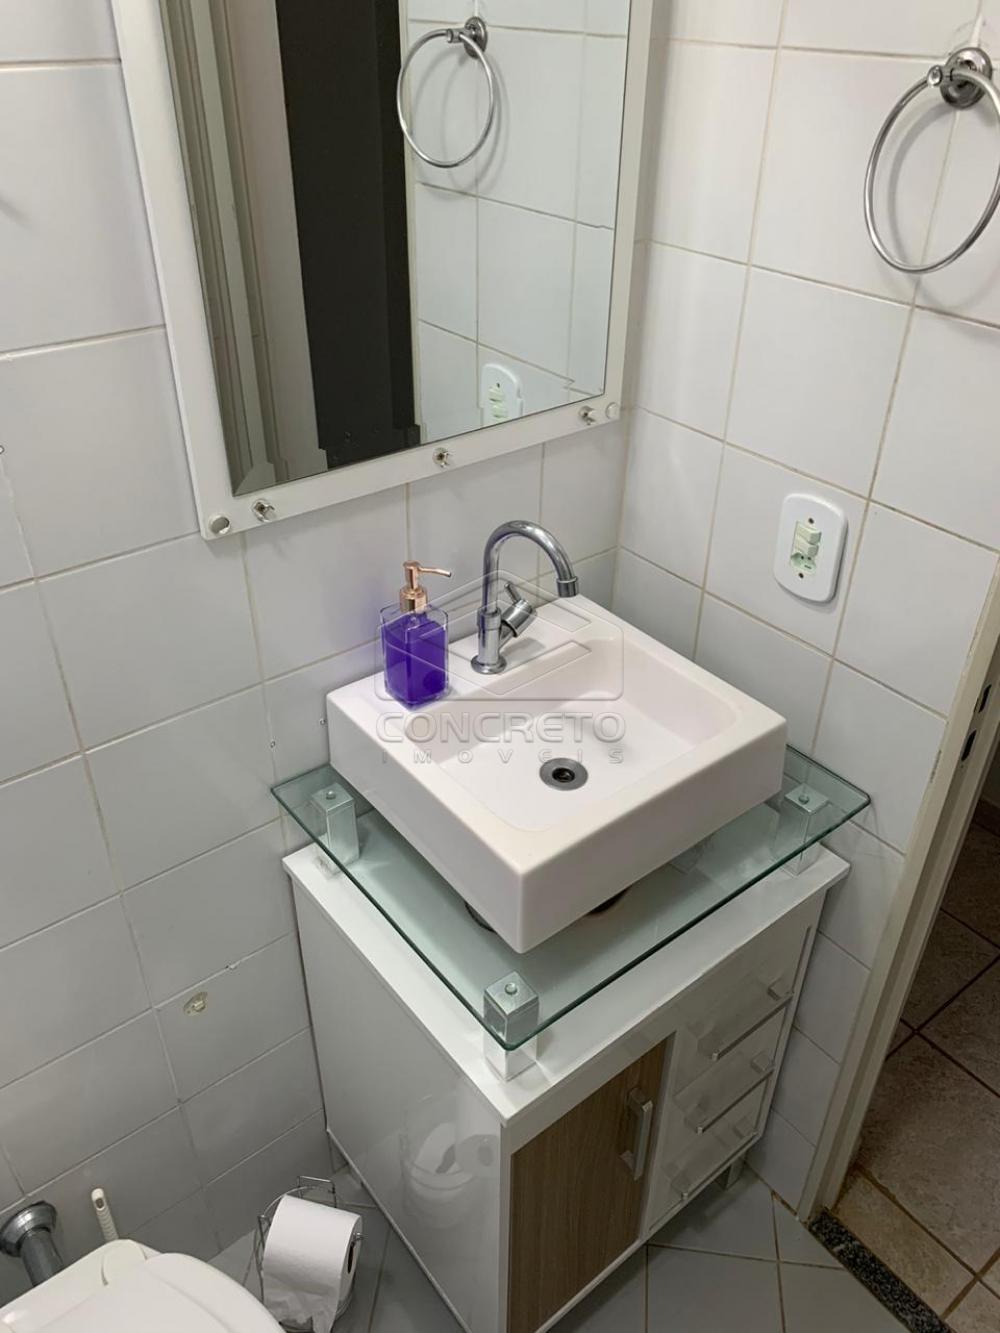 Comprar Apartamento / Padrão em Bauru apenas R$ 175.000,00 - Foto 14